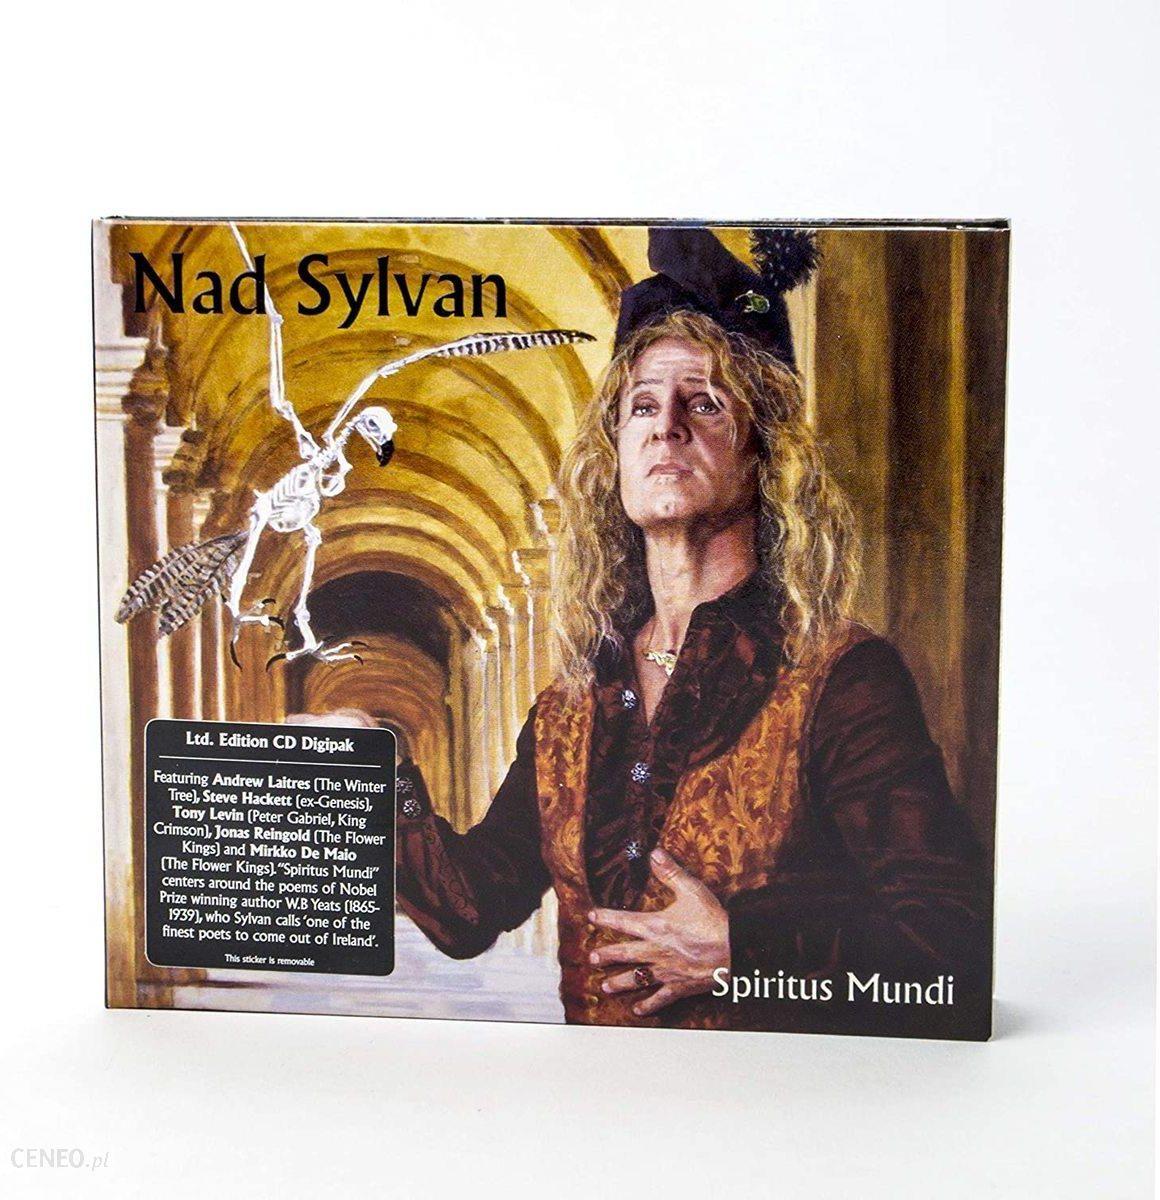 Nad Sylvan - Spititus Mundi